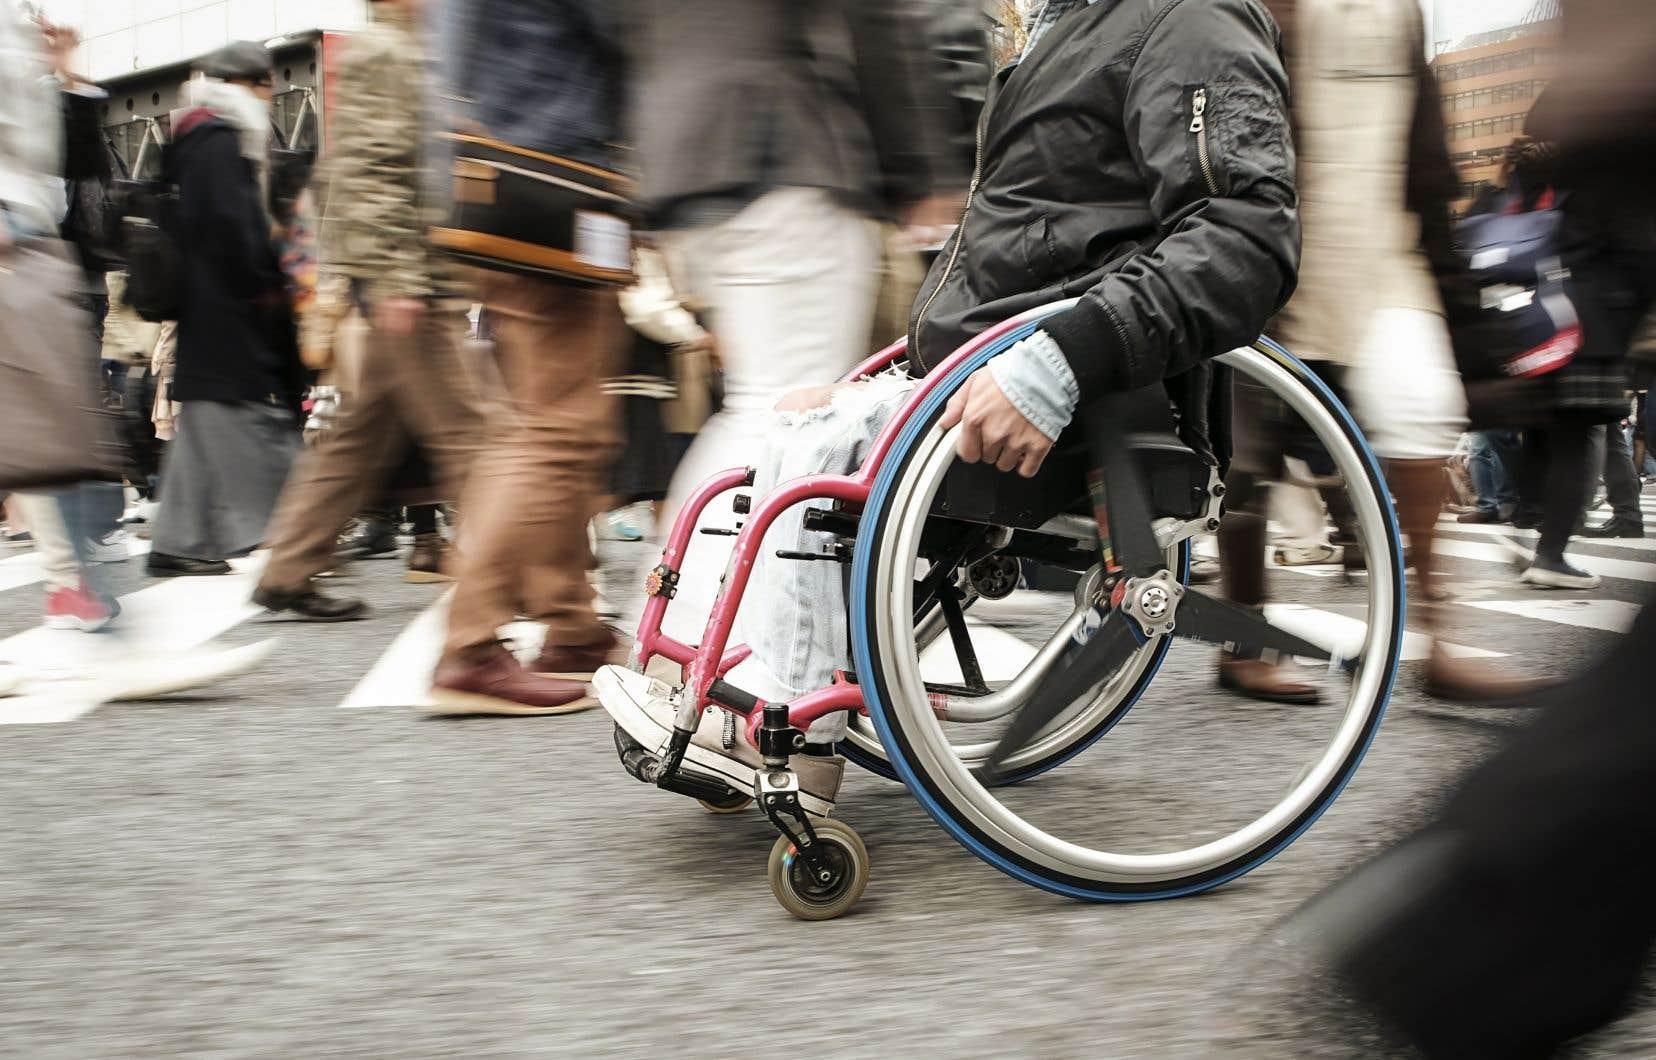 «La mise en place des mesures concrètes favorisant l'intégration des personnes en situation de handicap représente un avantage indéniable pour notre société», écrivent les auteurs.